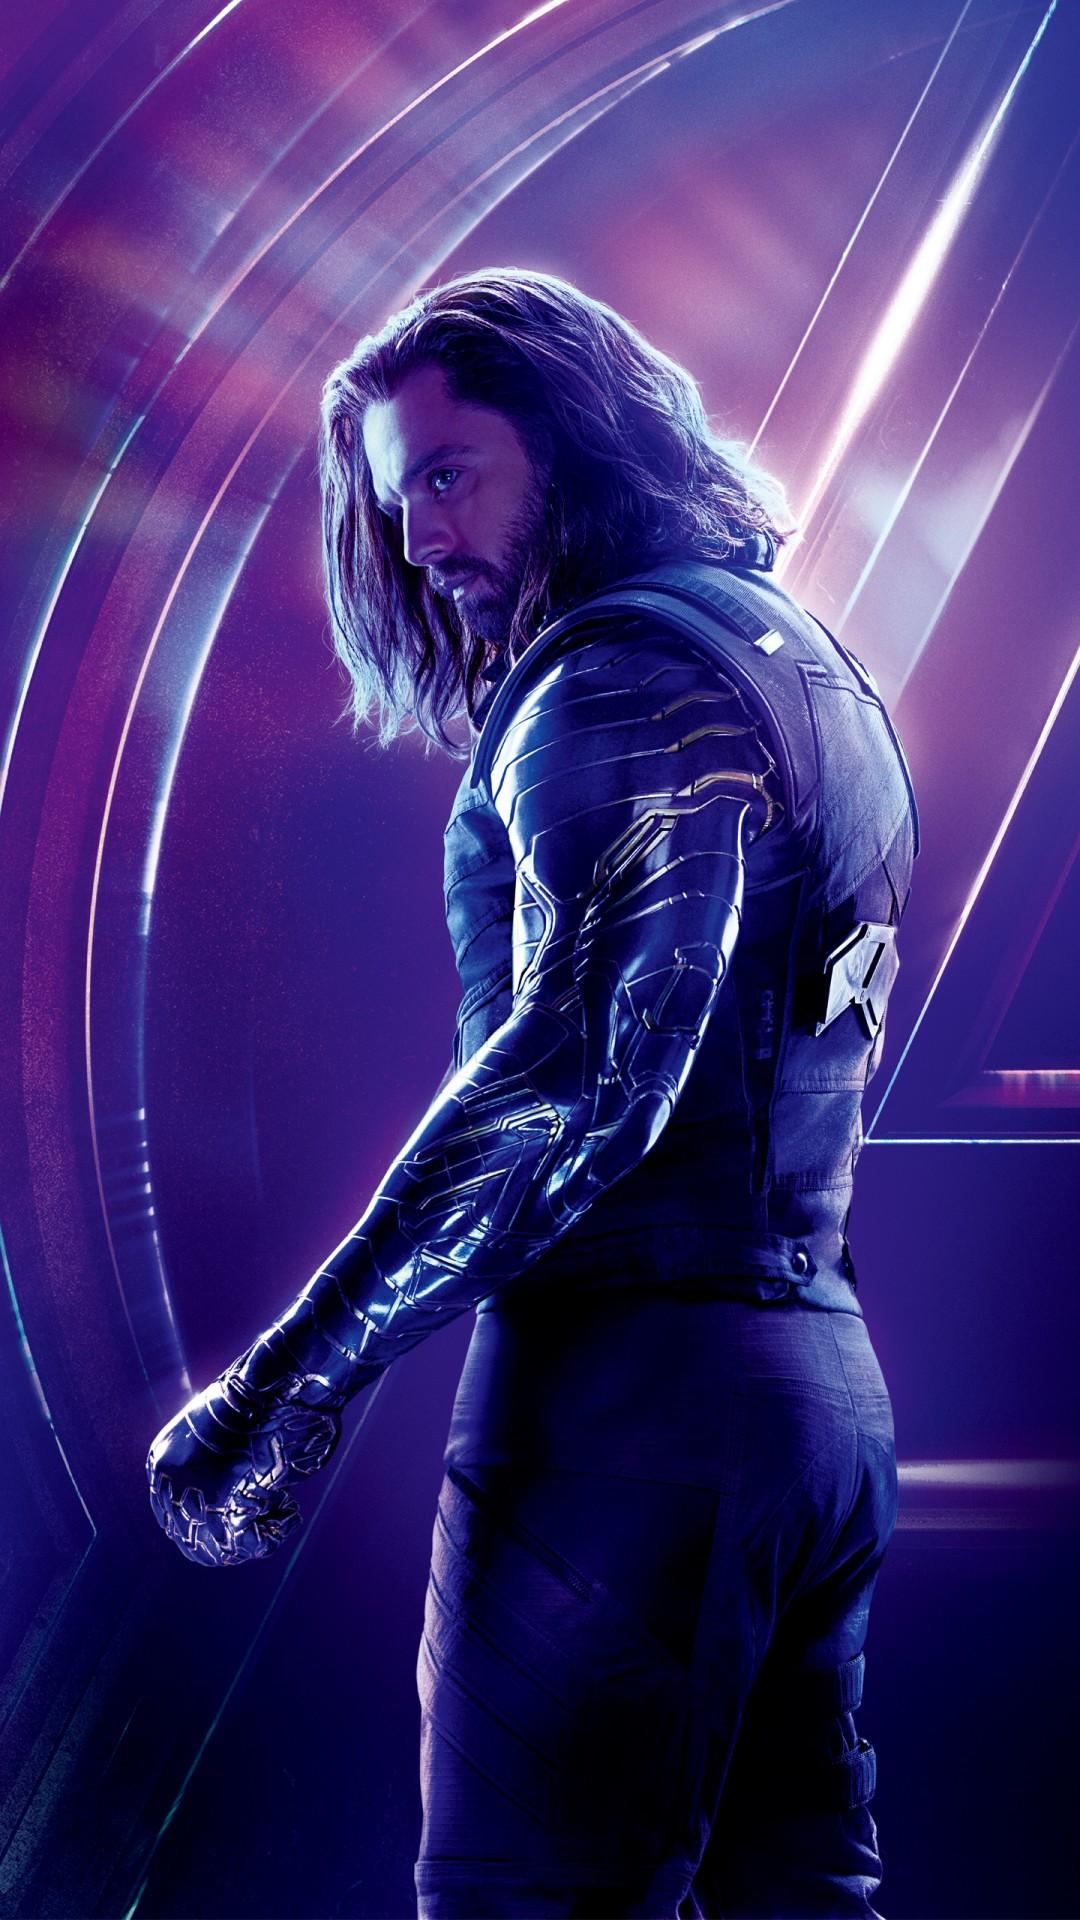 4k Ultra Hd Wallpapers White Wolf In Avengers Infinity War Sebastian Stan 4k 8k